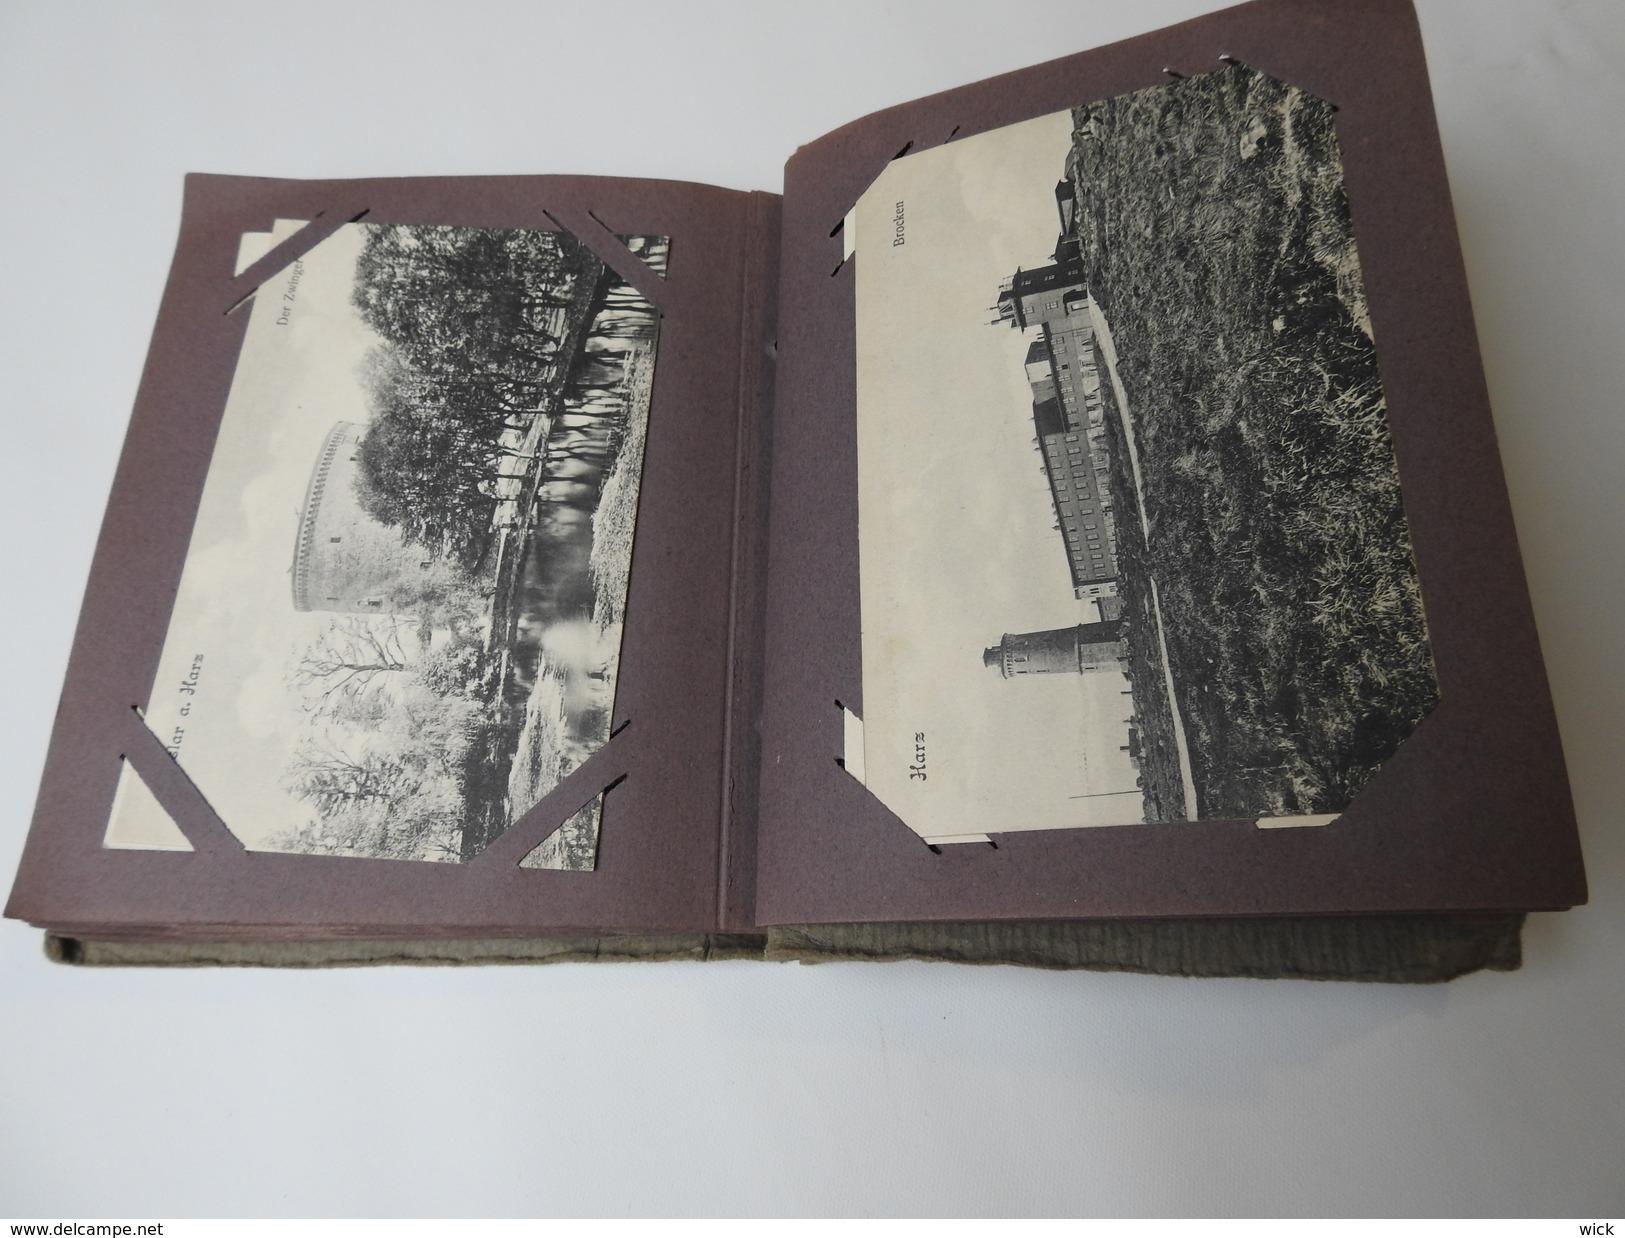 AK Altes Postkartenalbum, AK-Album Ca. 100 Jahre Alt, Dachbodenfund Voll Mit 50 Ansichtskarten Deutschland -rar !!! - Ansichtskarten